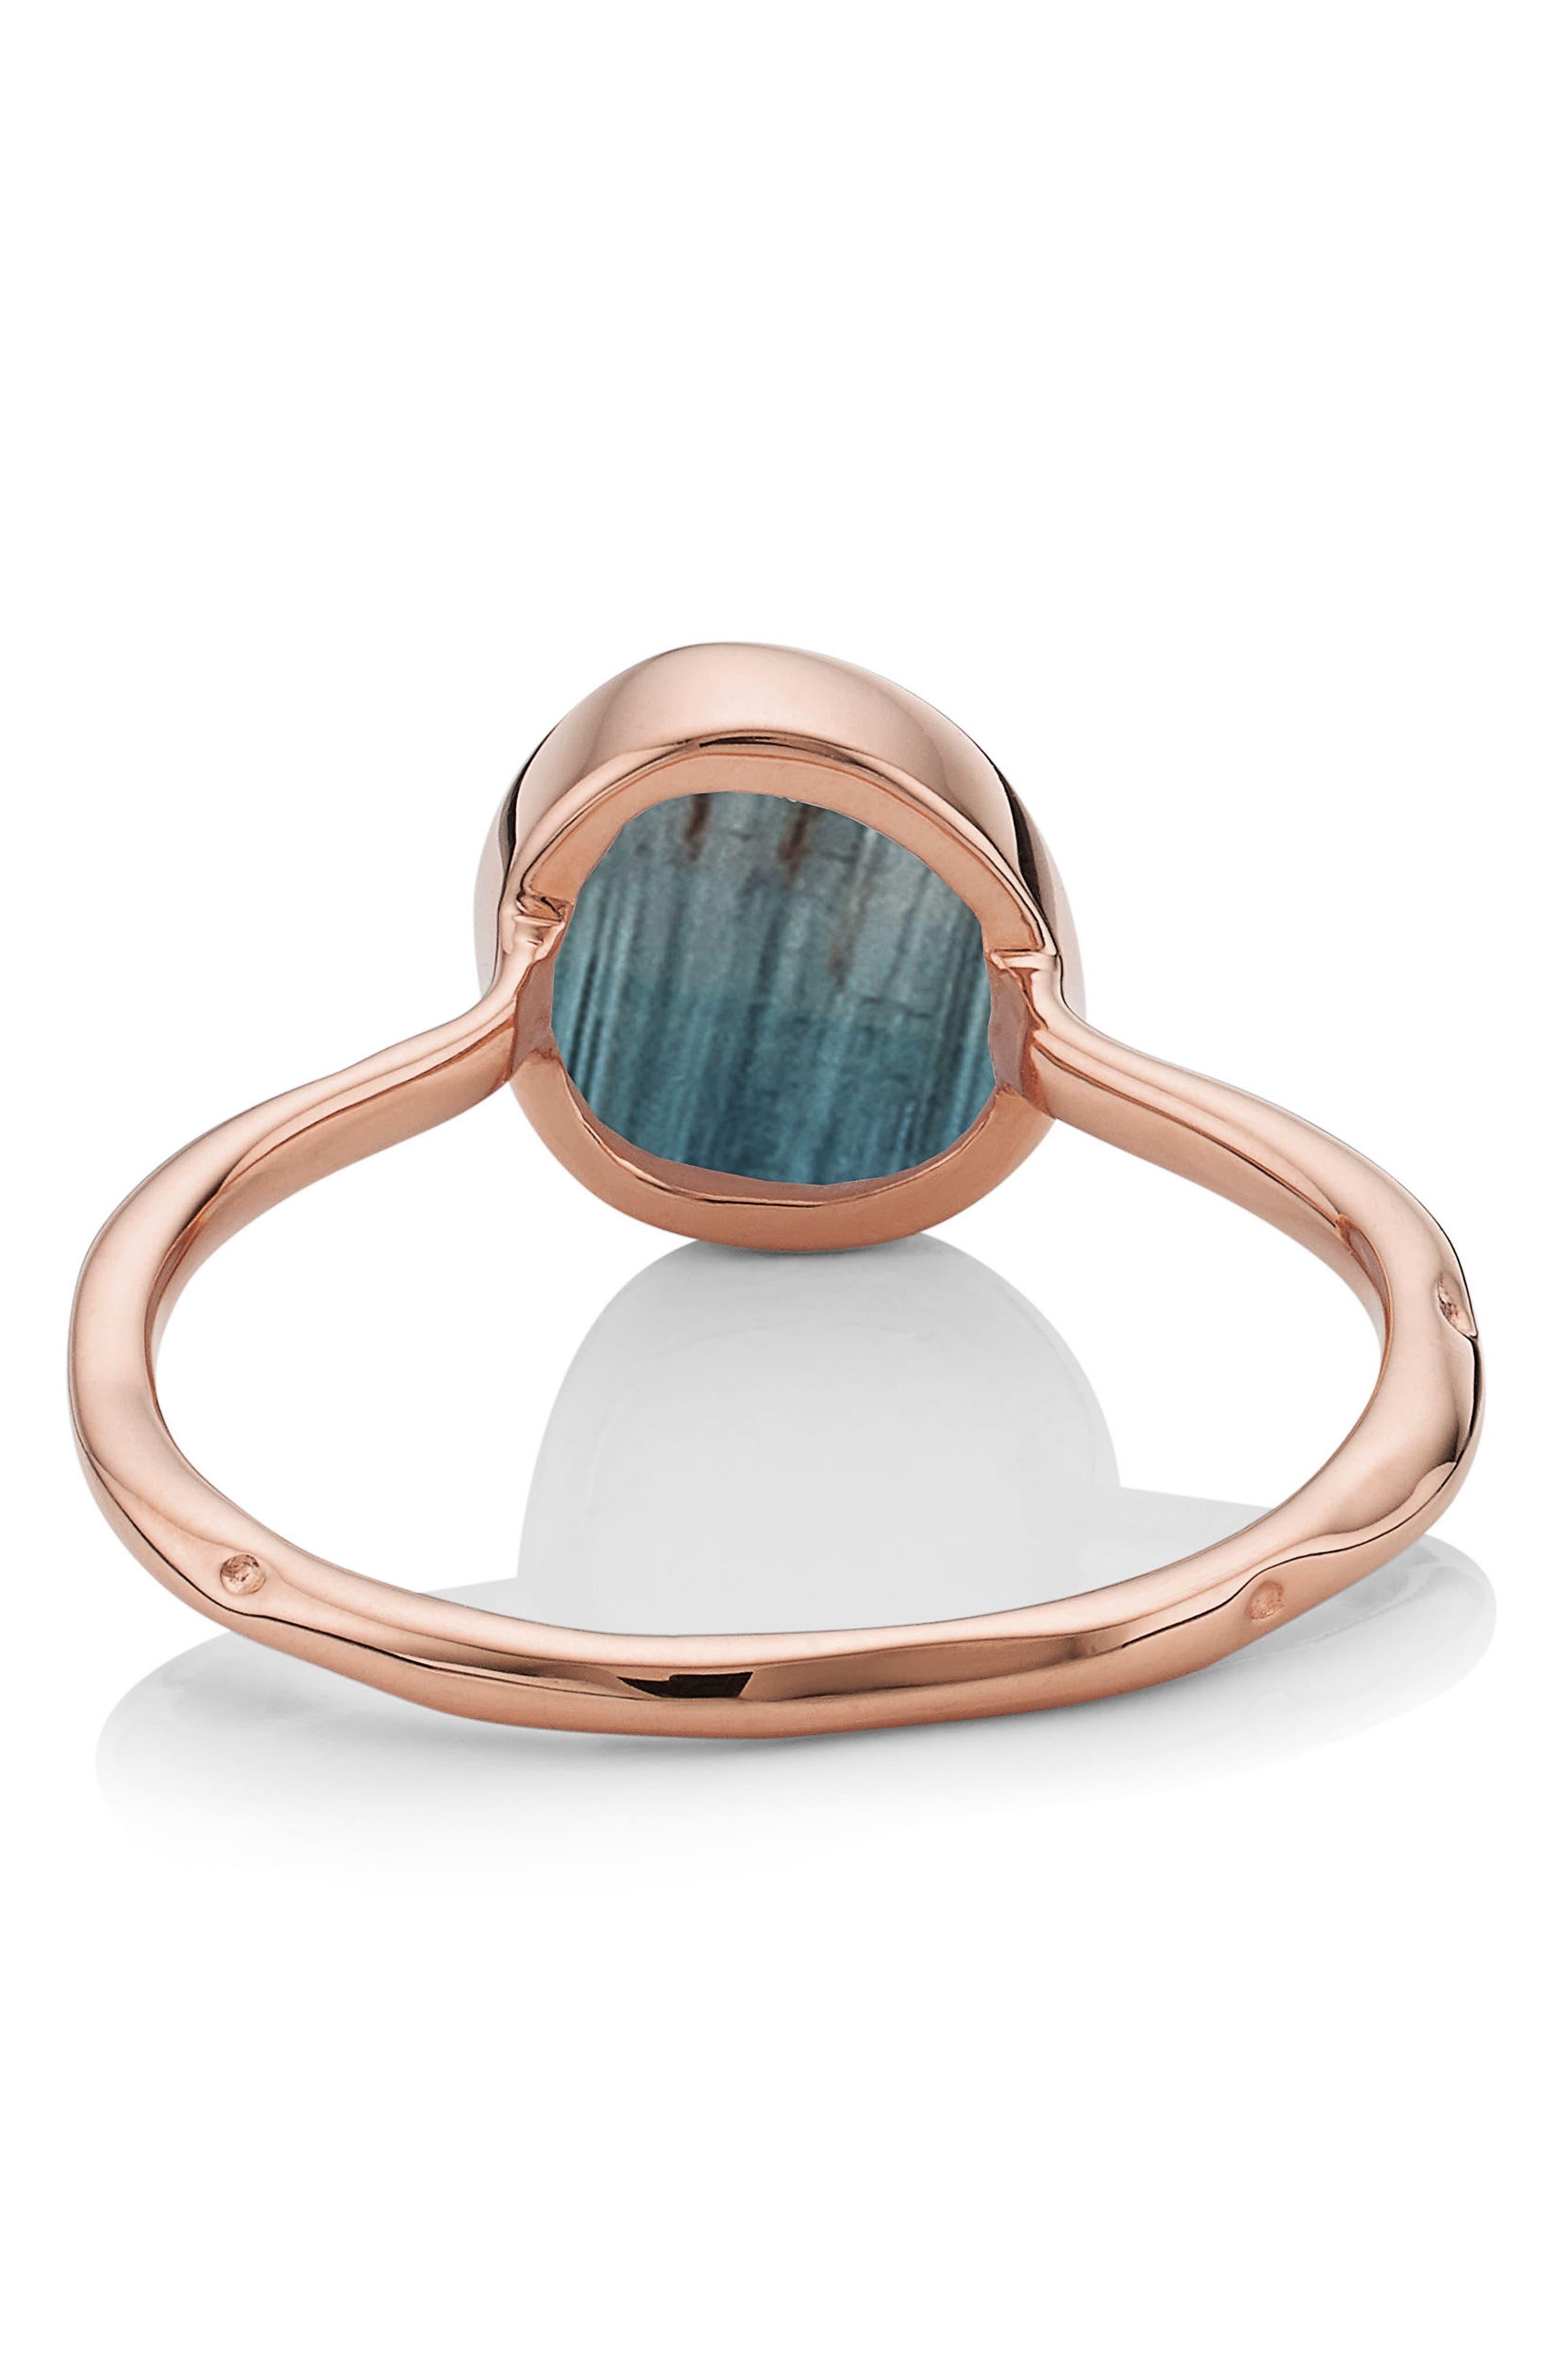 Siren Semiprecious Stone Stacking Ring,                             Alternate thumbnail 4, color,                             ROSE GOLD/ KYANITE